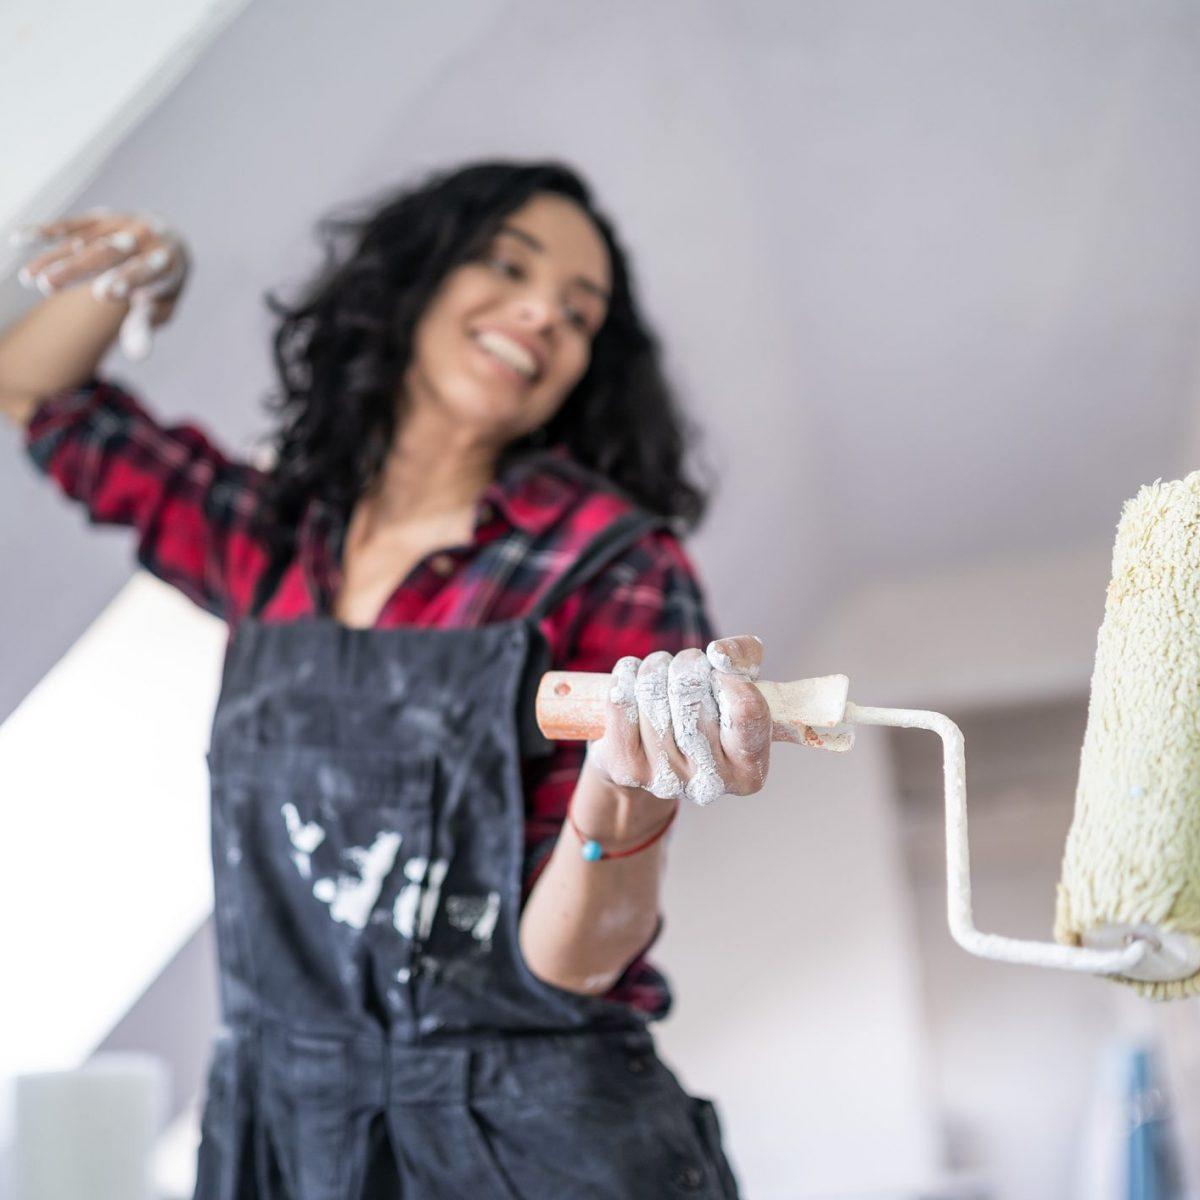 Rinnovare Pareti Di Casa giorno 17 in casa: rinnova le pareti di casa | ohga!